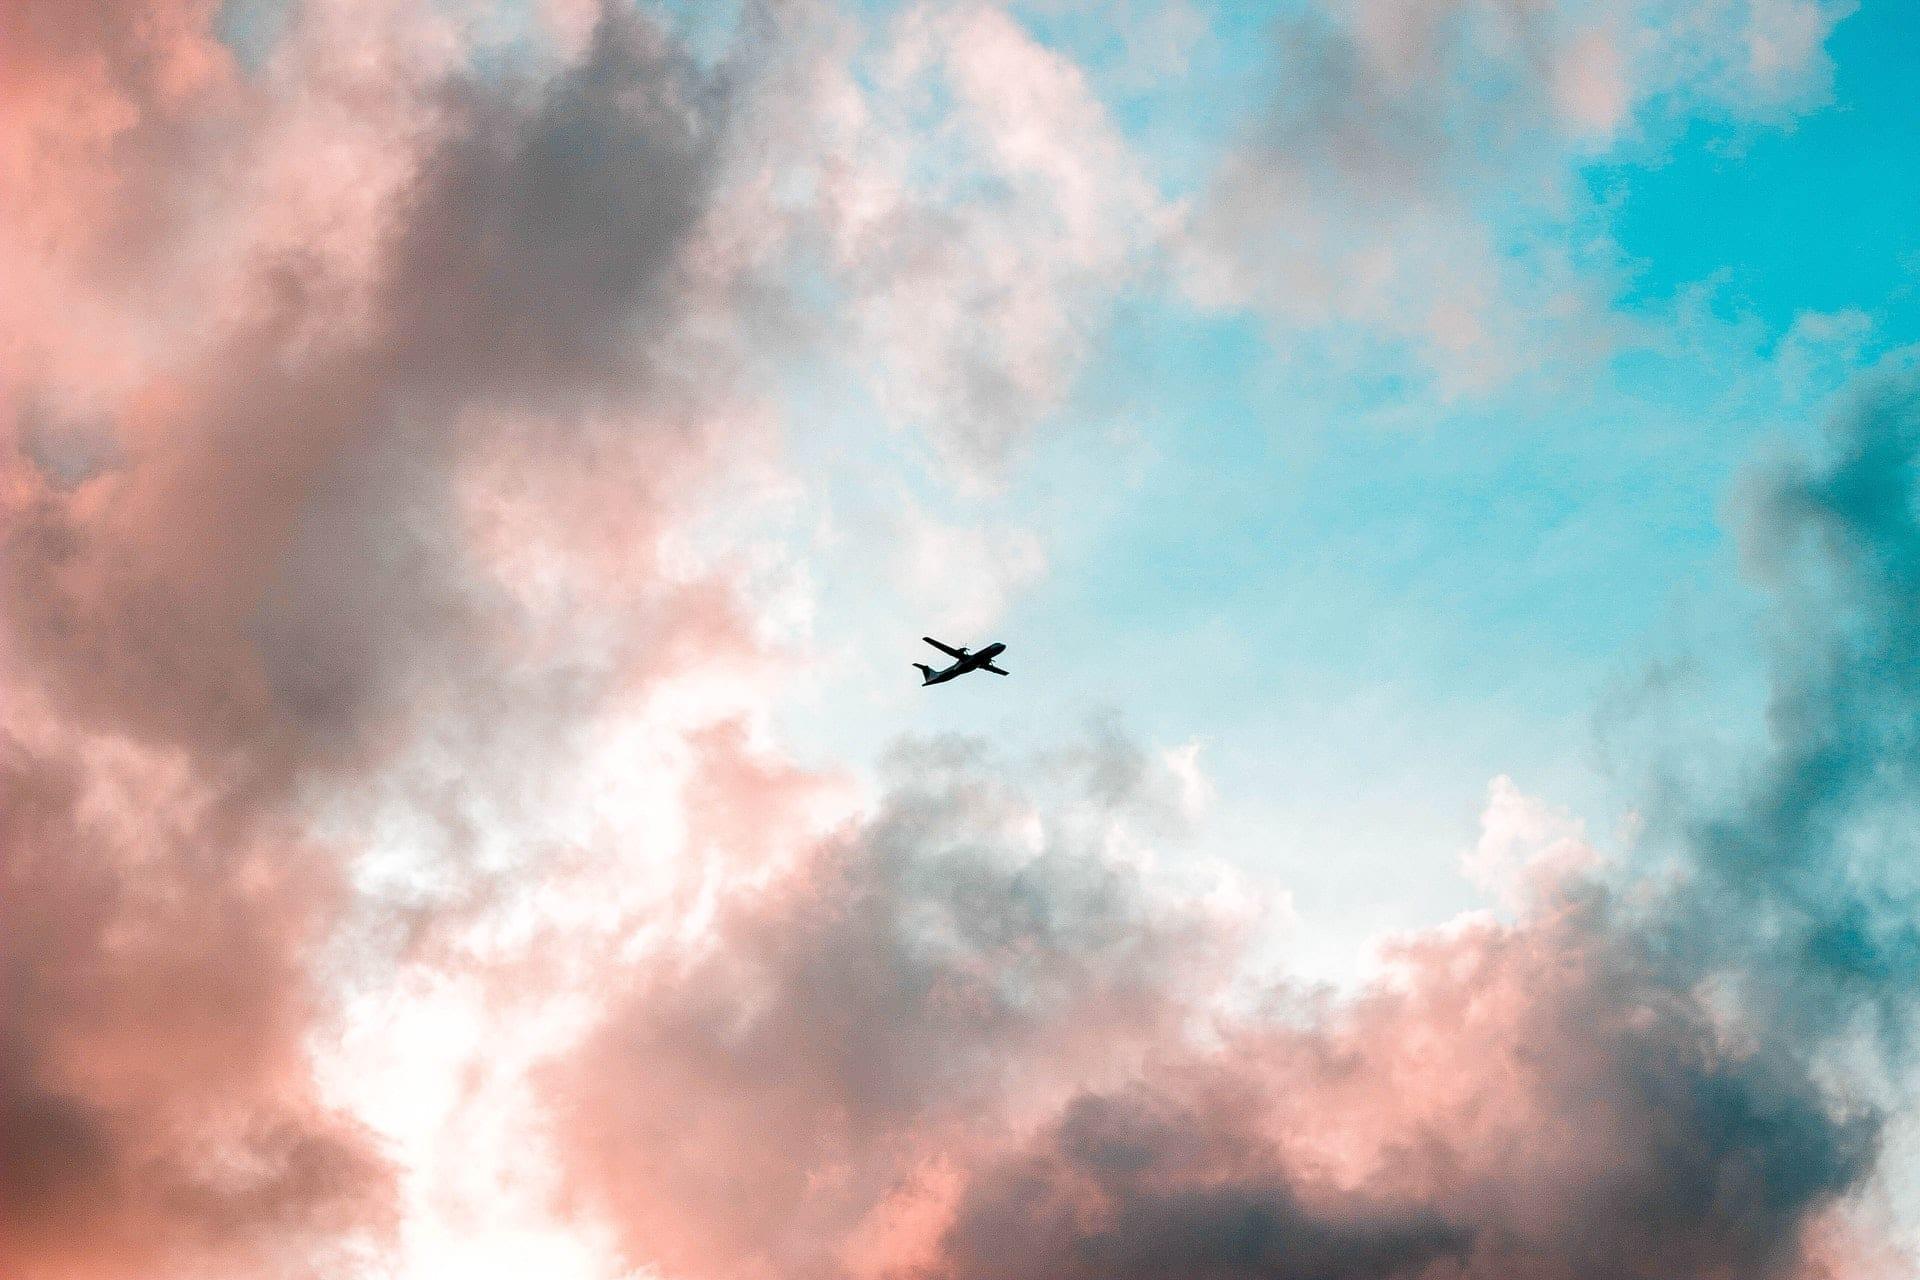 ICMS combustível aviação